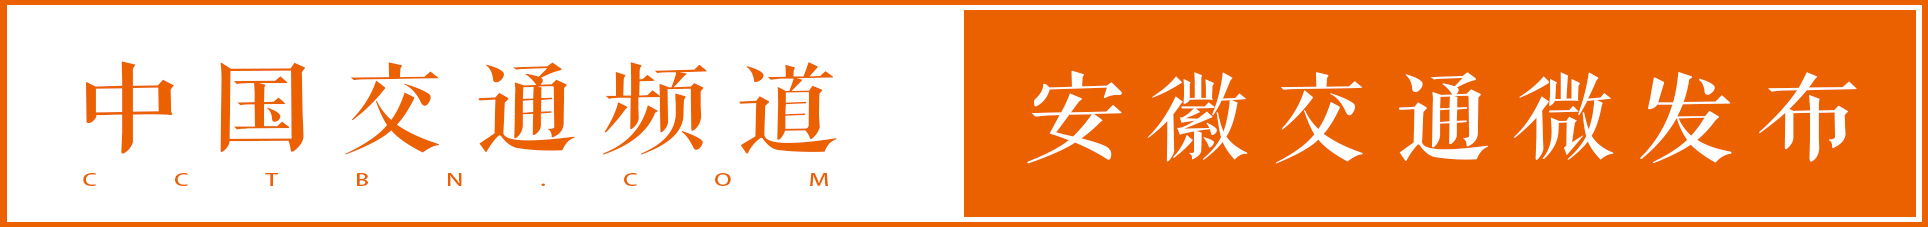 """长丰县公安局开展""""利剑1号""""清查行动"""